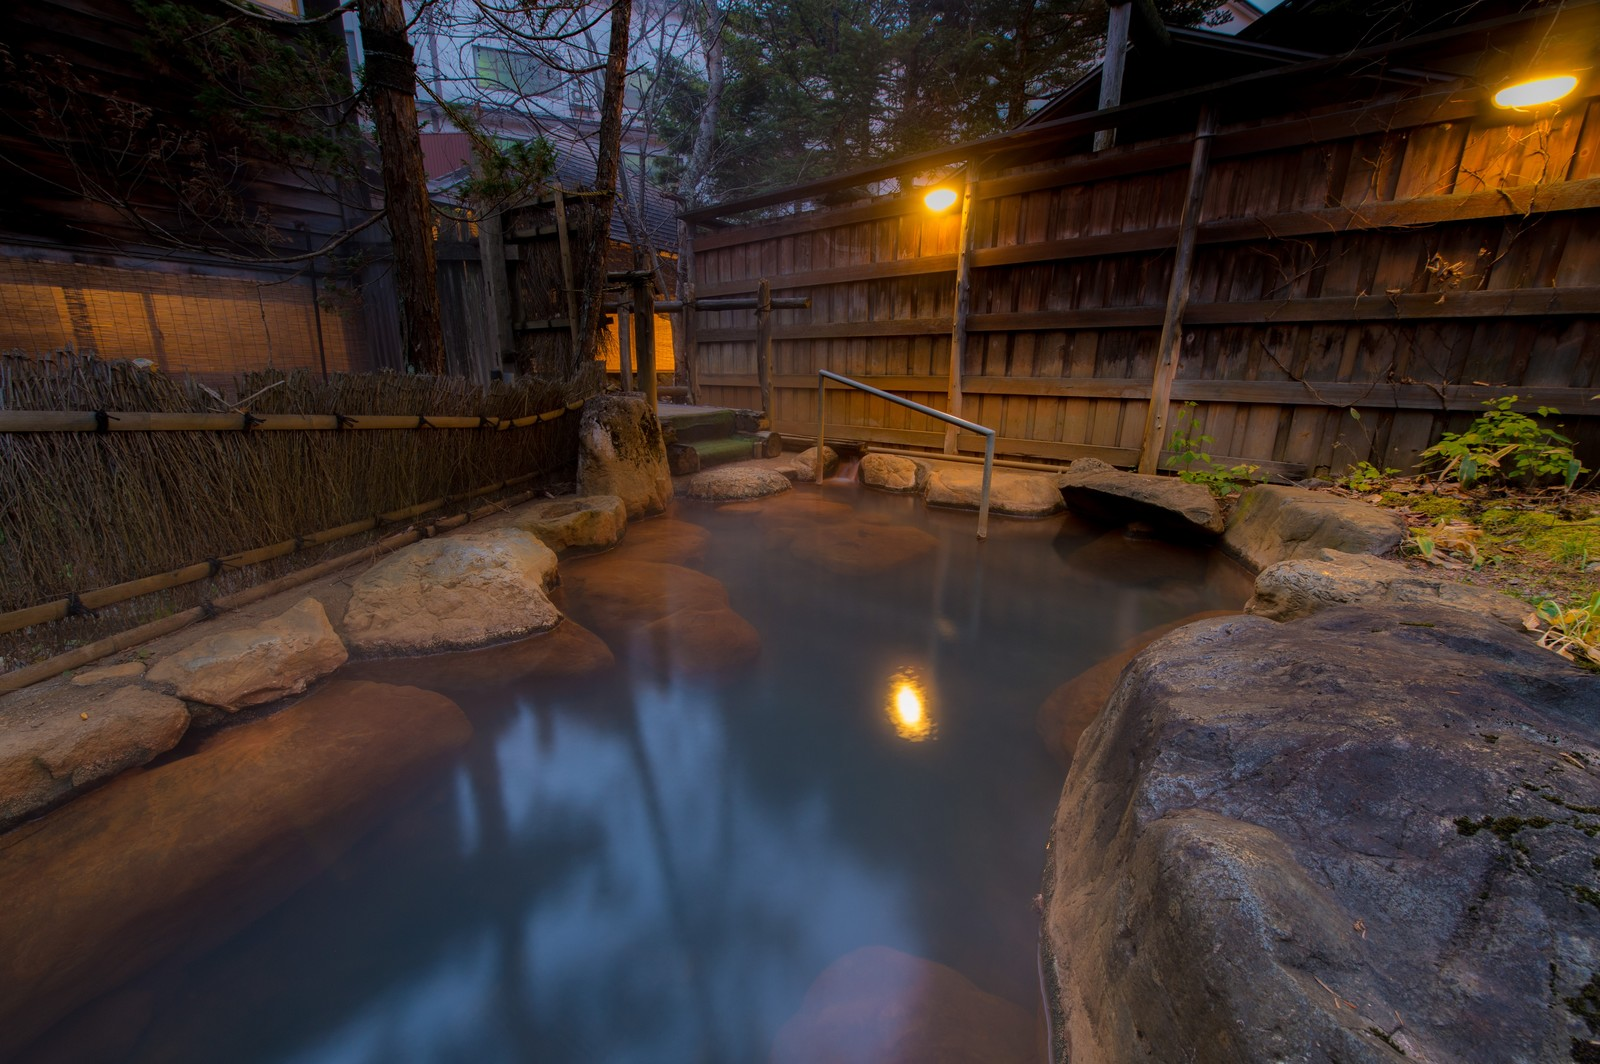 「家族で入るには広すぎる平湯館の貸切露天風呂」の写真